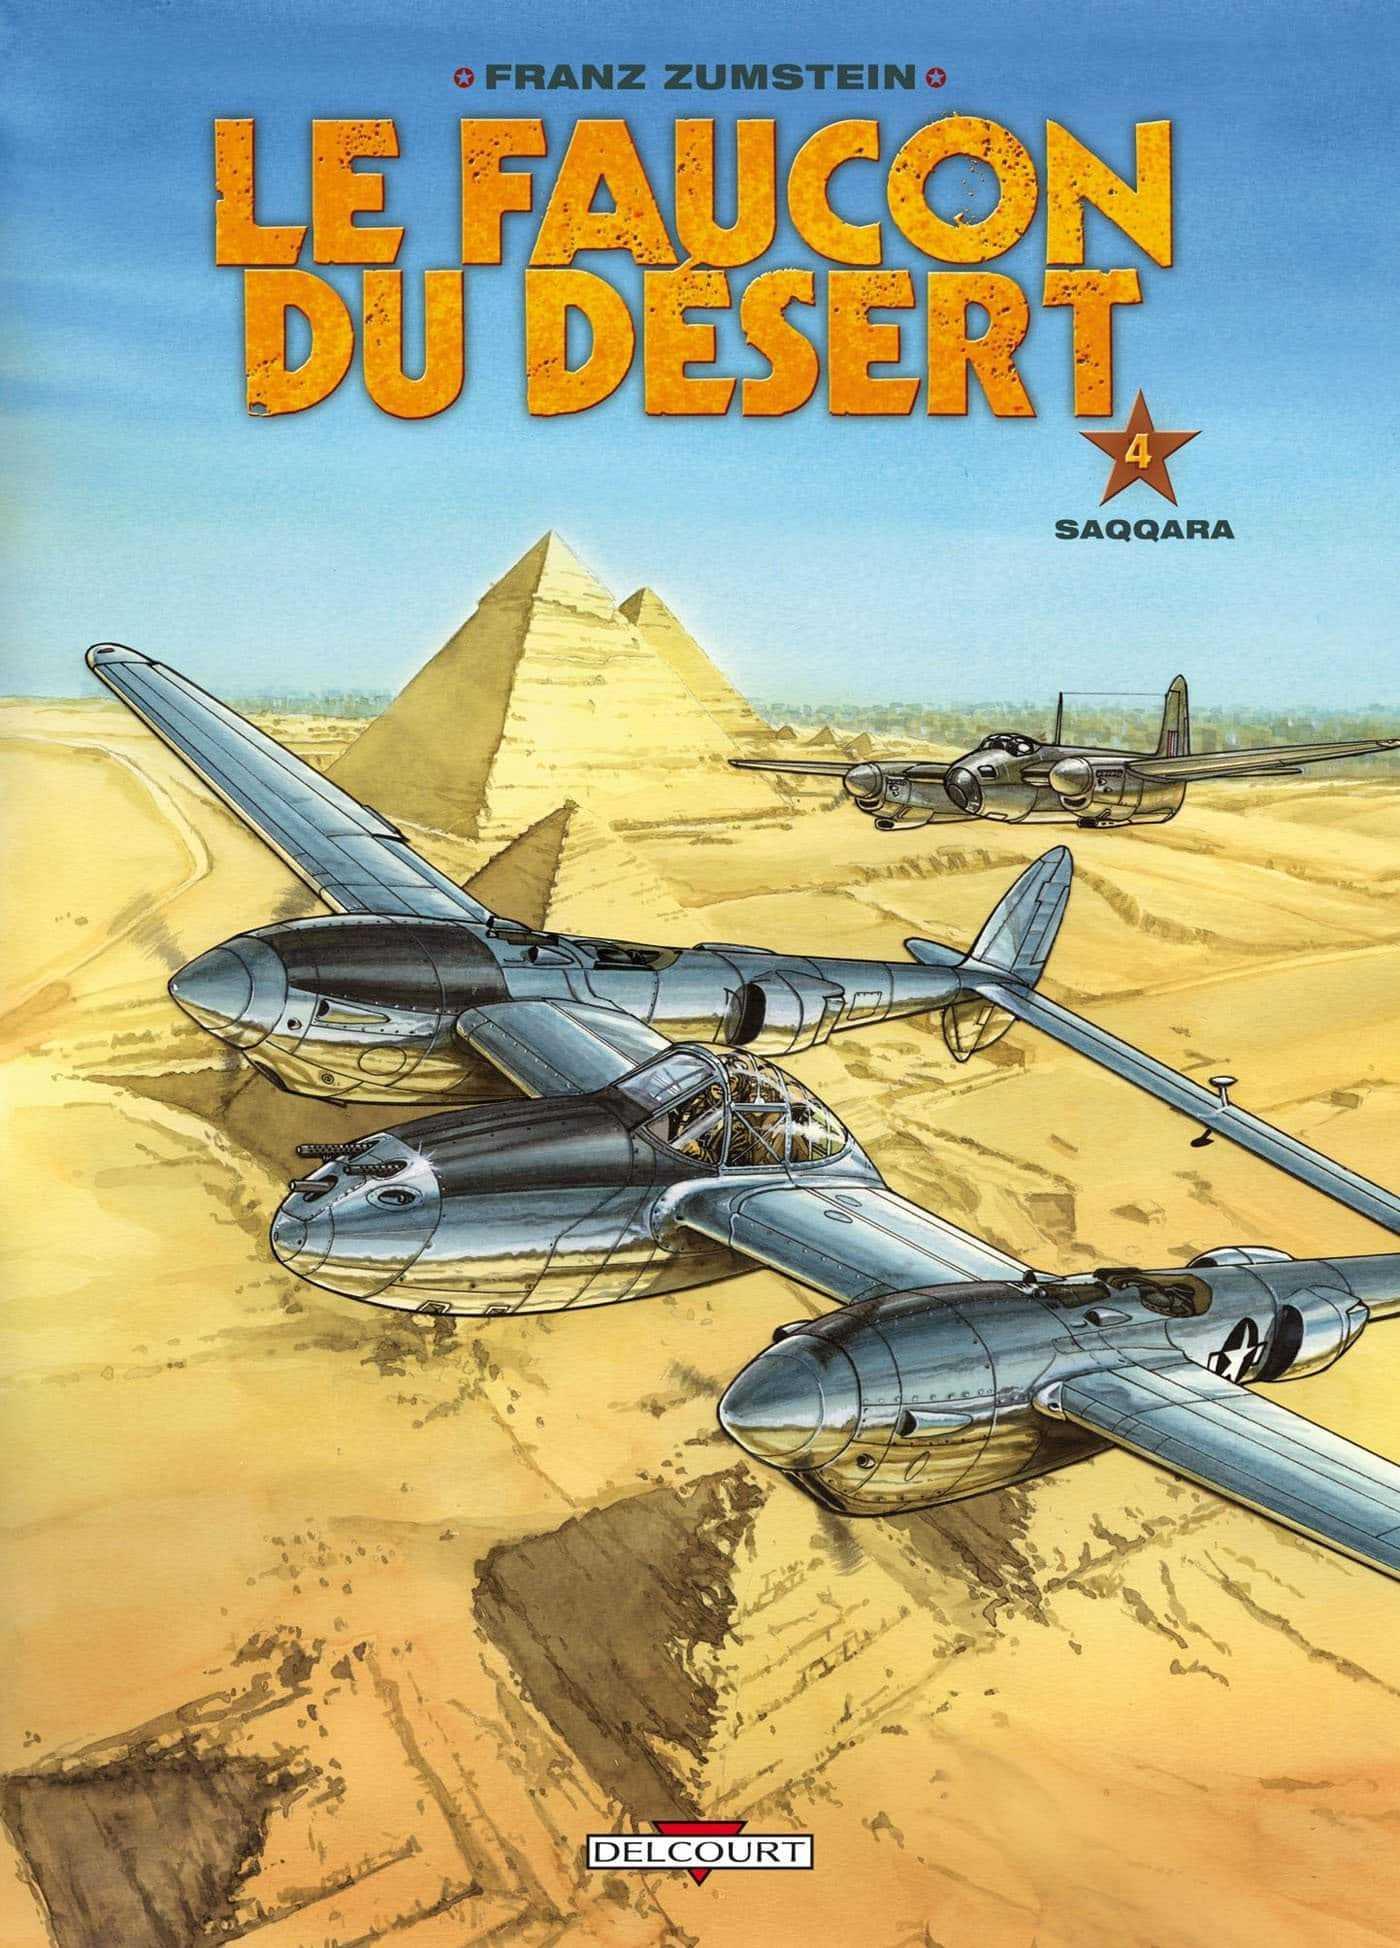 Un trésor et la fin d'un cycle pour le Faucon du désert